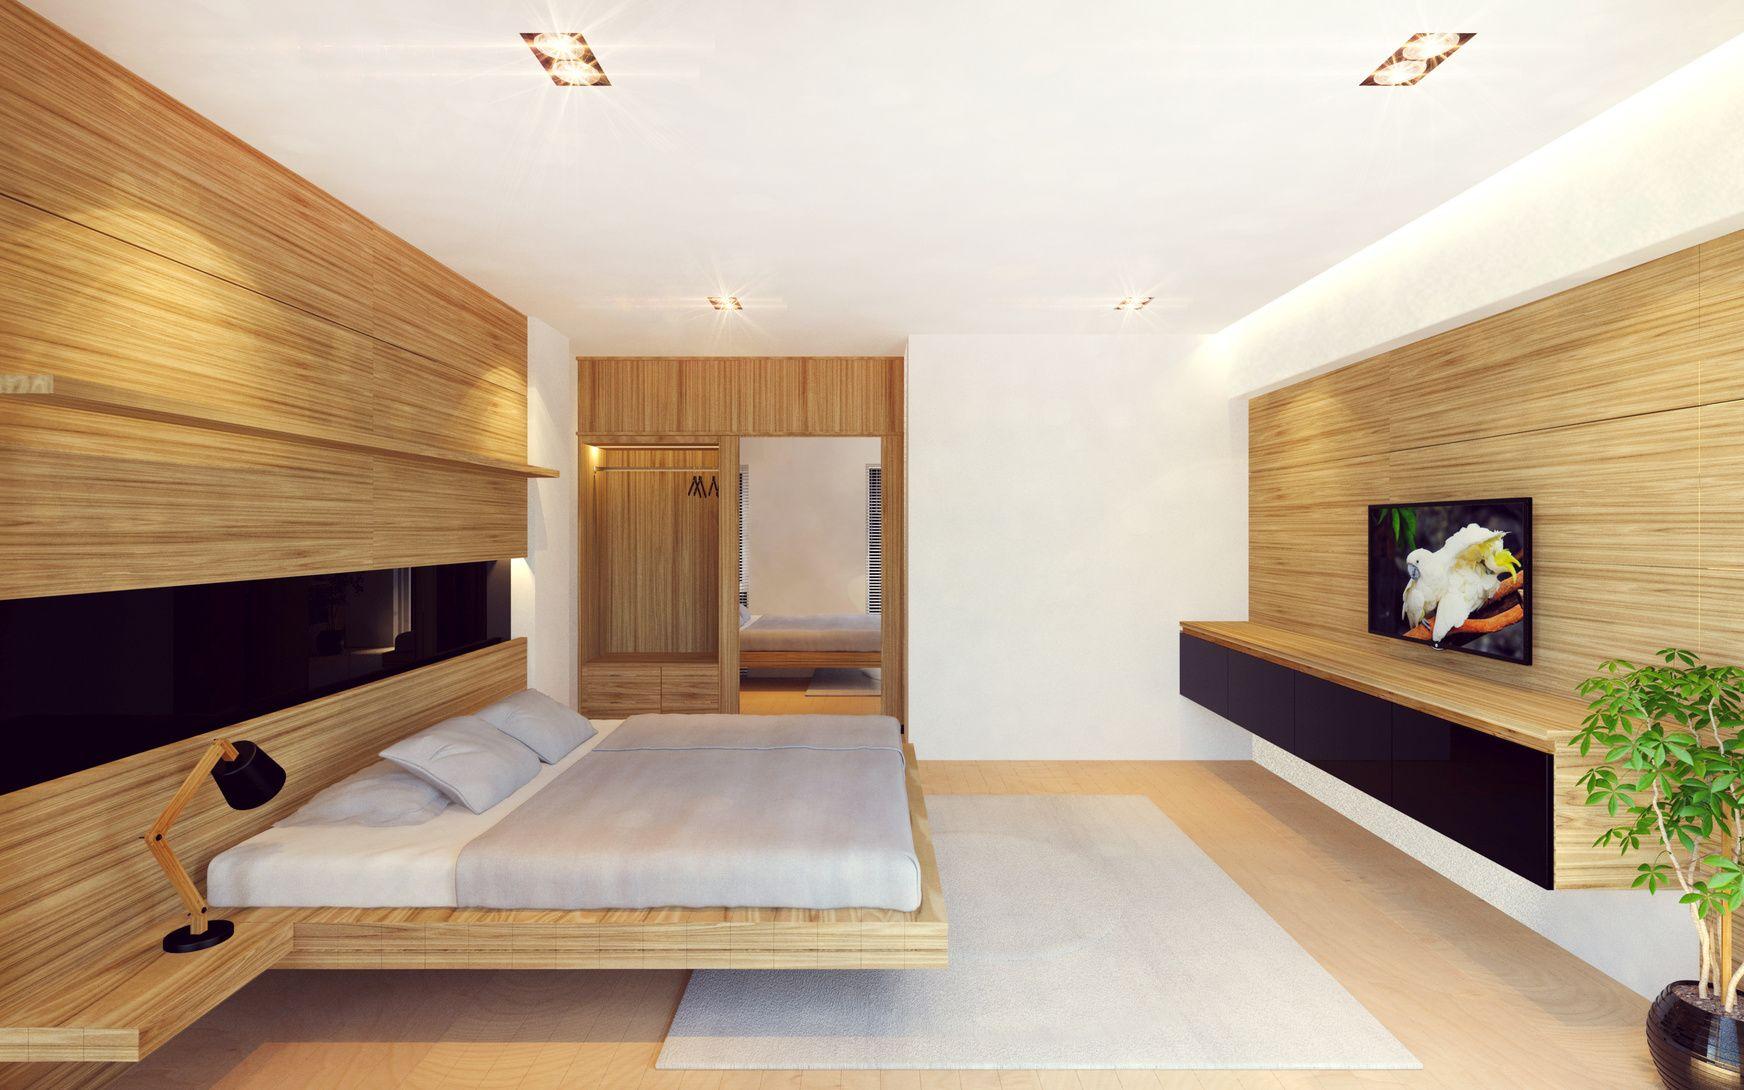 Quick and easy interior design ideas